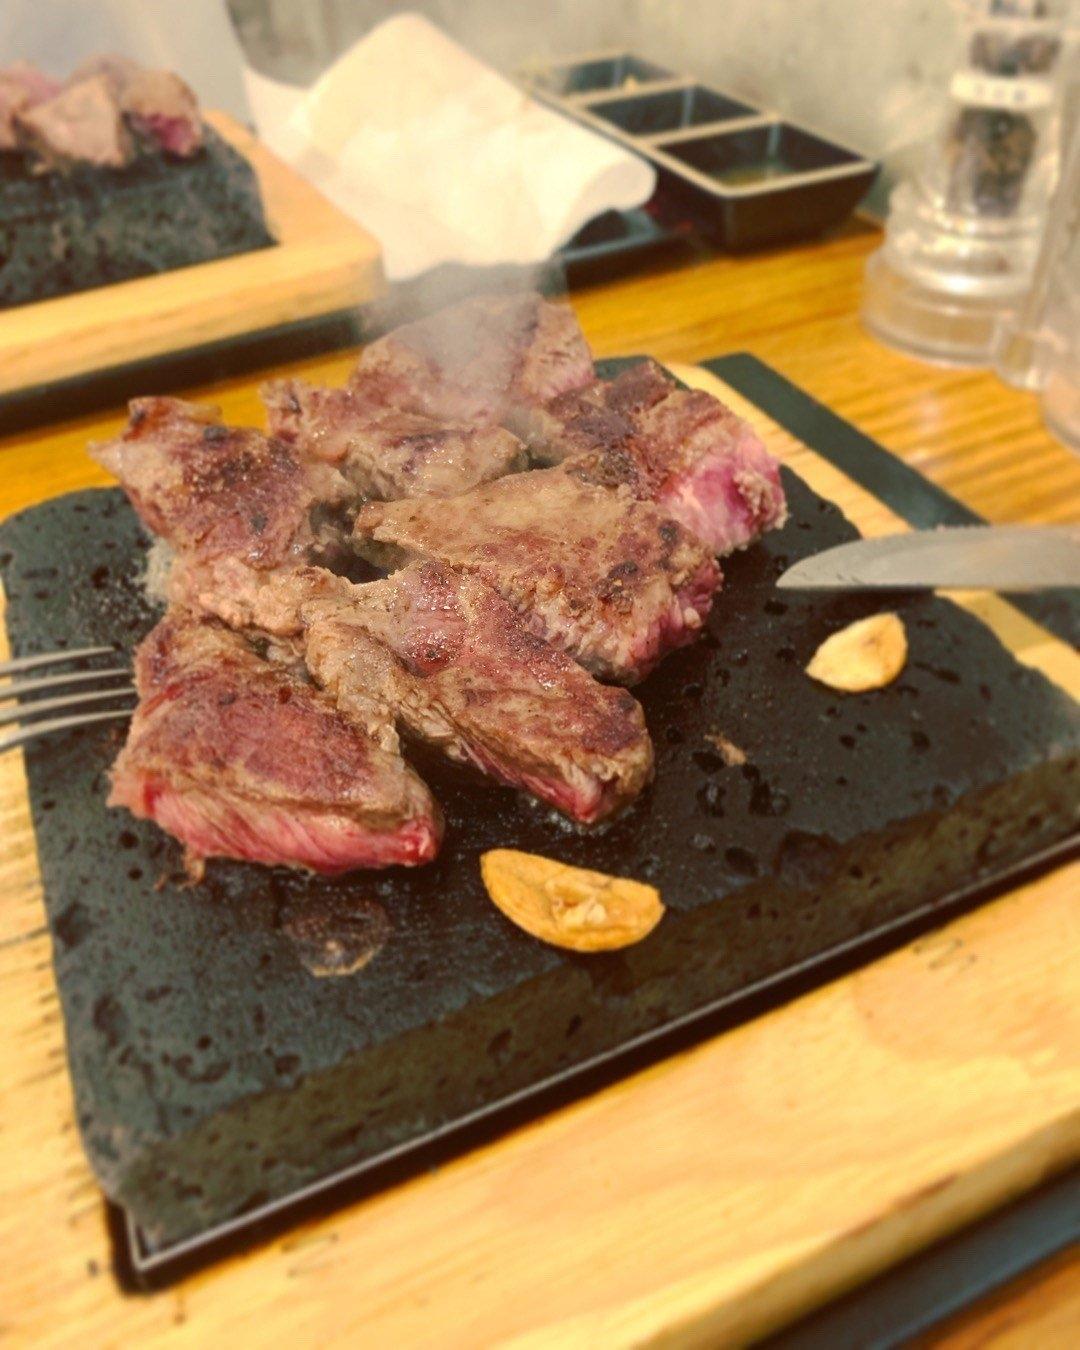 旺角燒肉/牛極/牛柳大大件口肉冇比用石燒可以自行煮嘅熟度,食唔成熟第一啖跑落去果然唔錯好重牛肉味肉質比較結實, 脂肪比較少不良都唔少喎配埋白飯同埋沙律啱啱好。